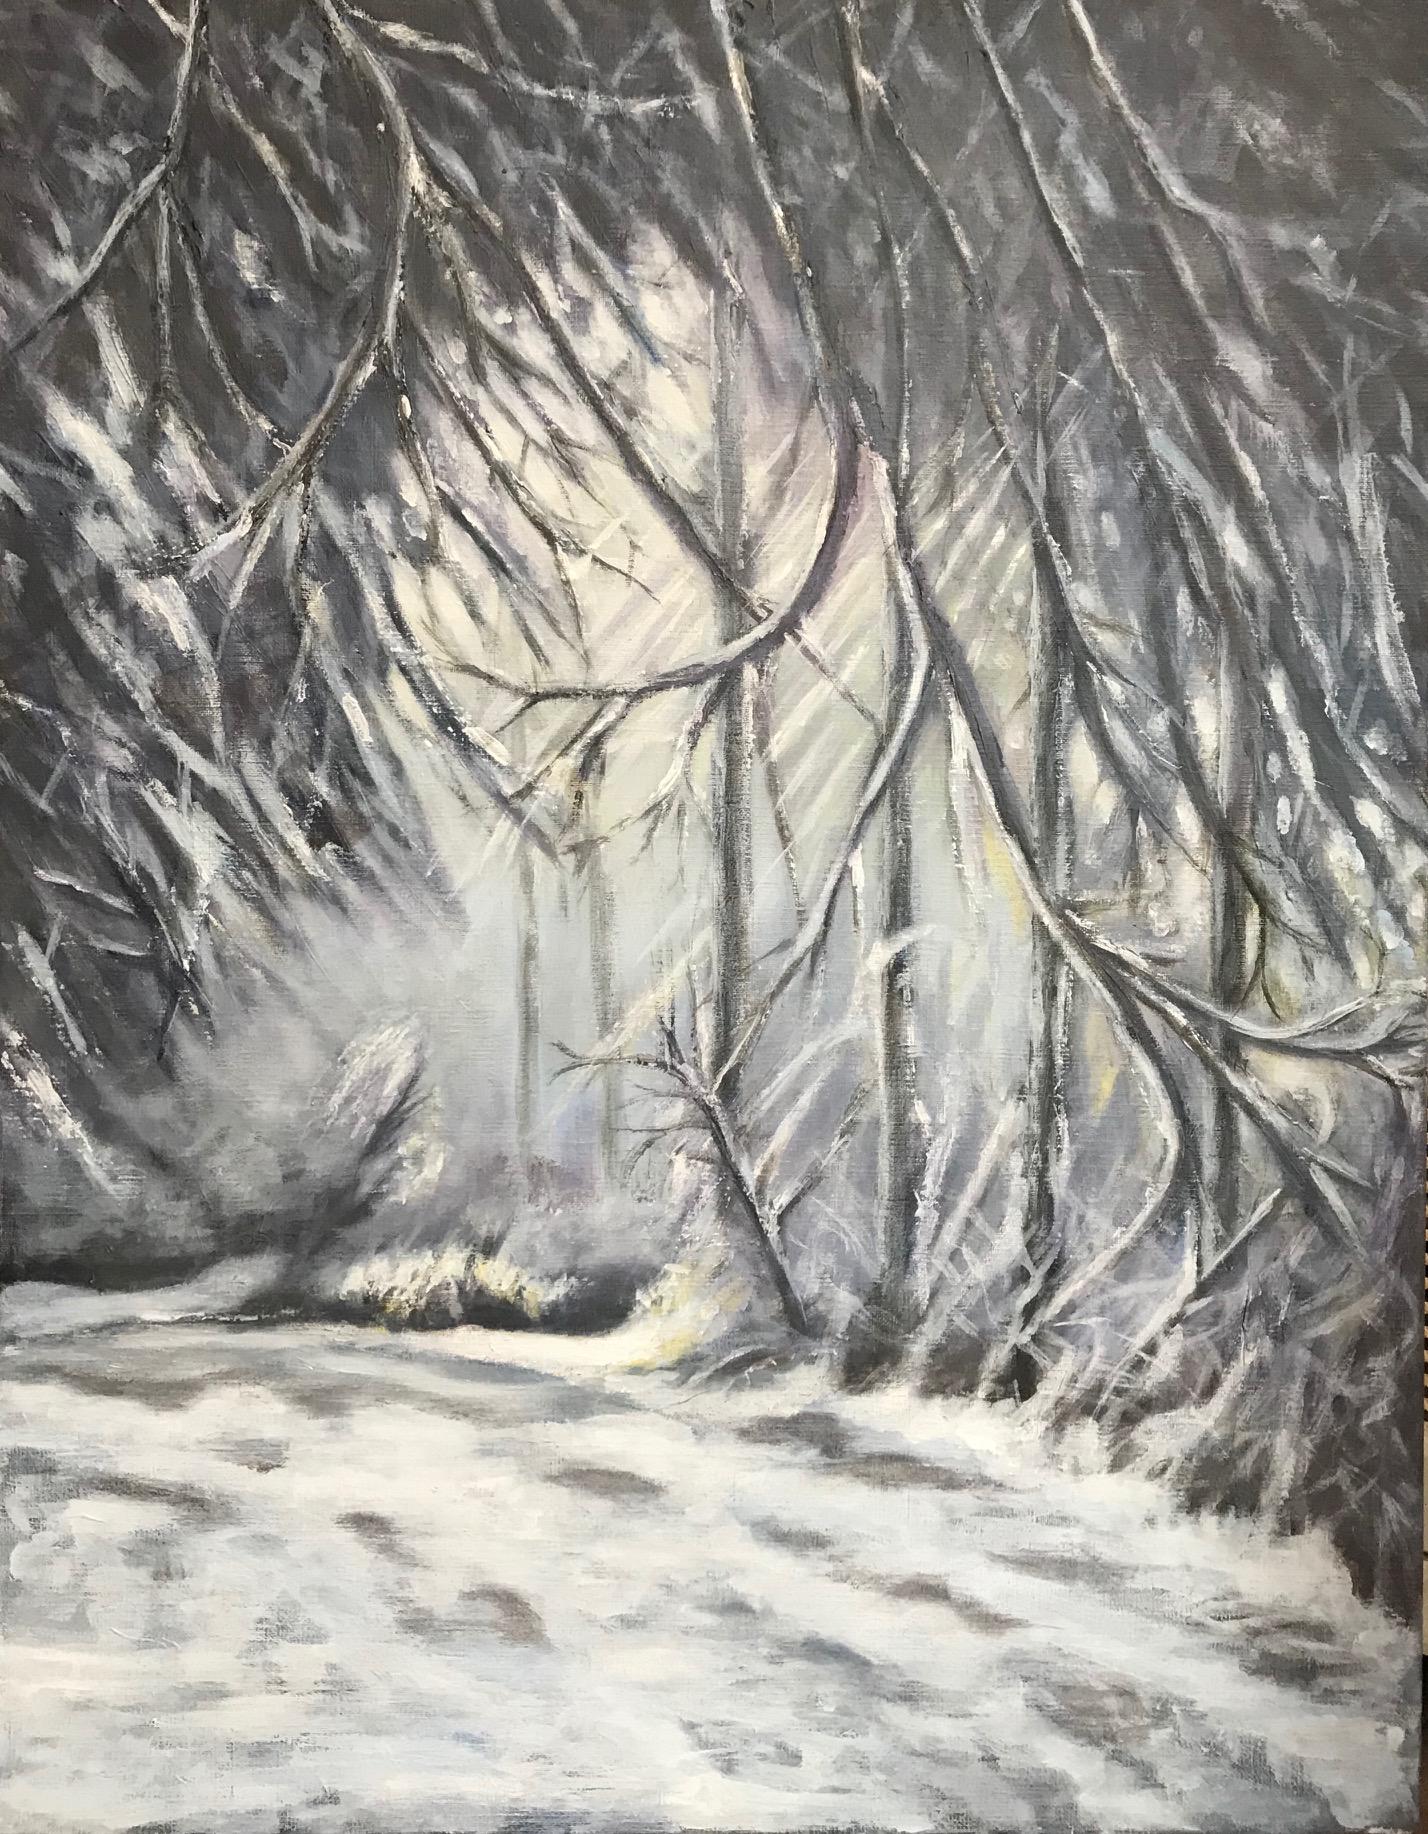 Winter op de Utrechtse Heuvelrug, acryl op linnen, 70 x 90 cm.